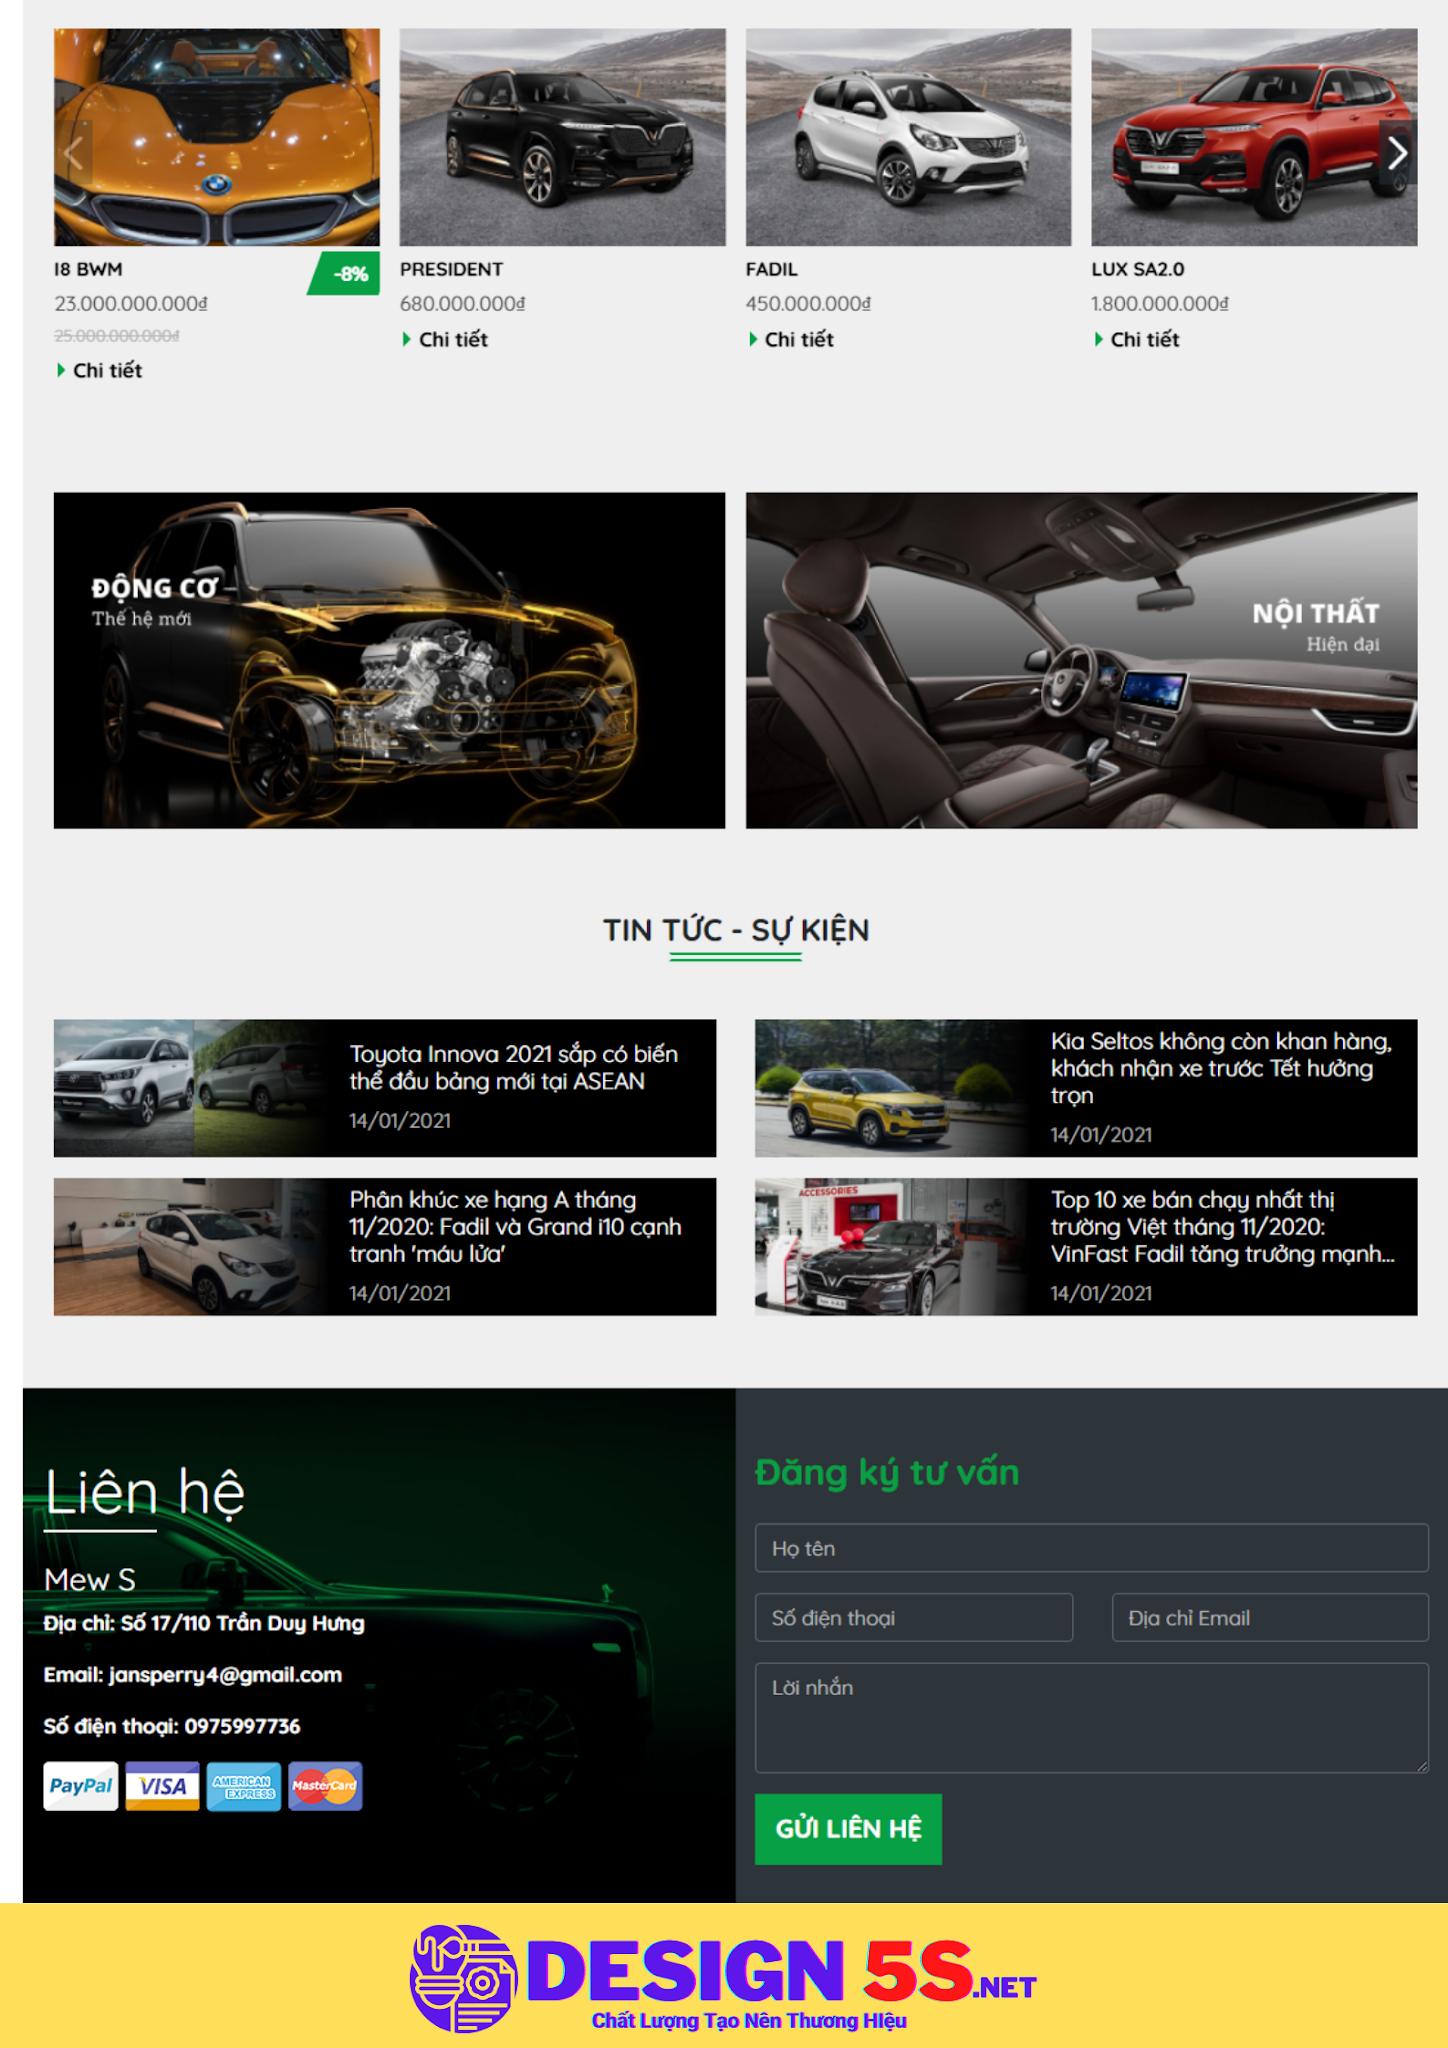 Theme blogspot bán và cho thuê xe ô tô, VSM14 - Ảnh 2